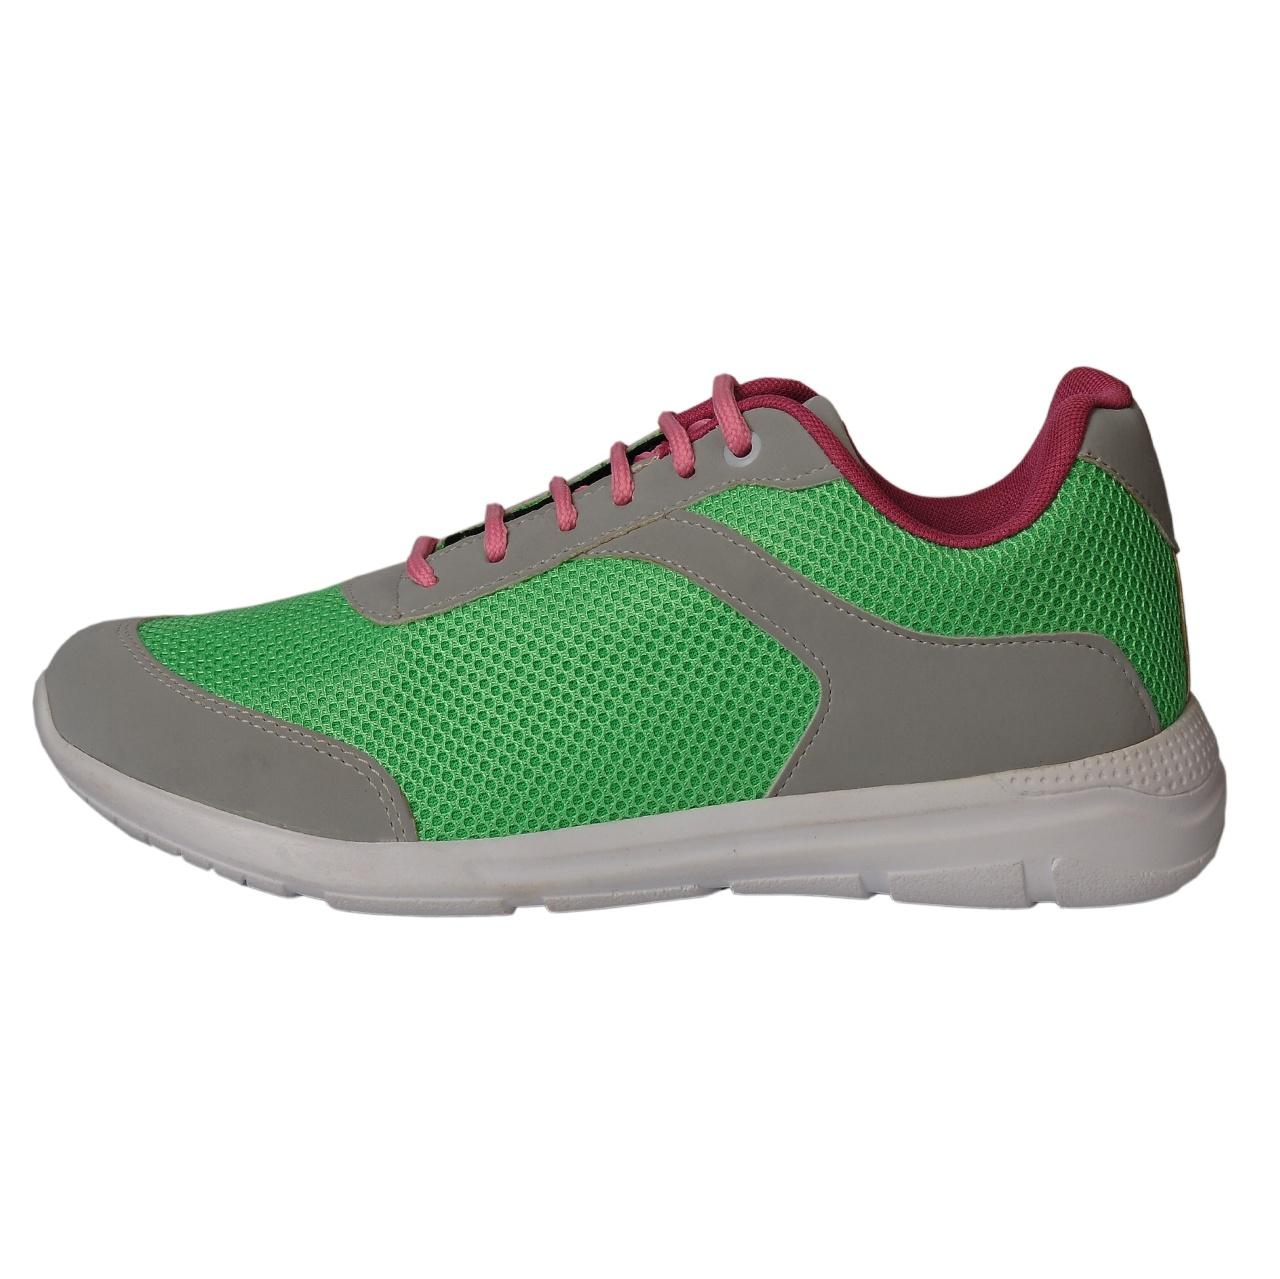 کفش مخصوص پیاده روی زنانه کد NGZ 2002G